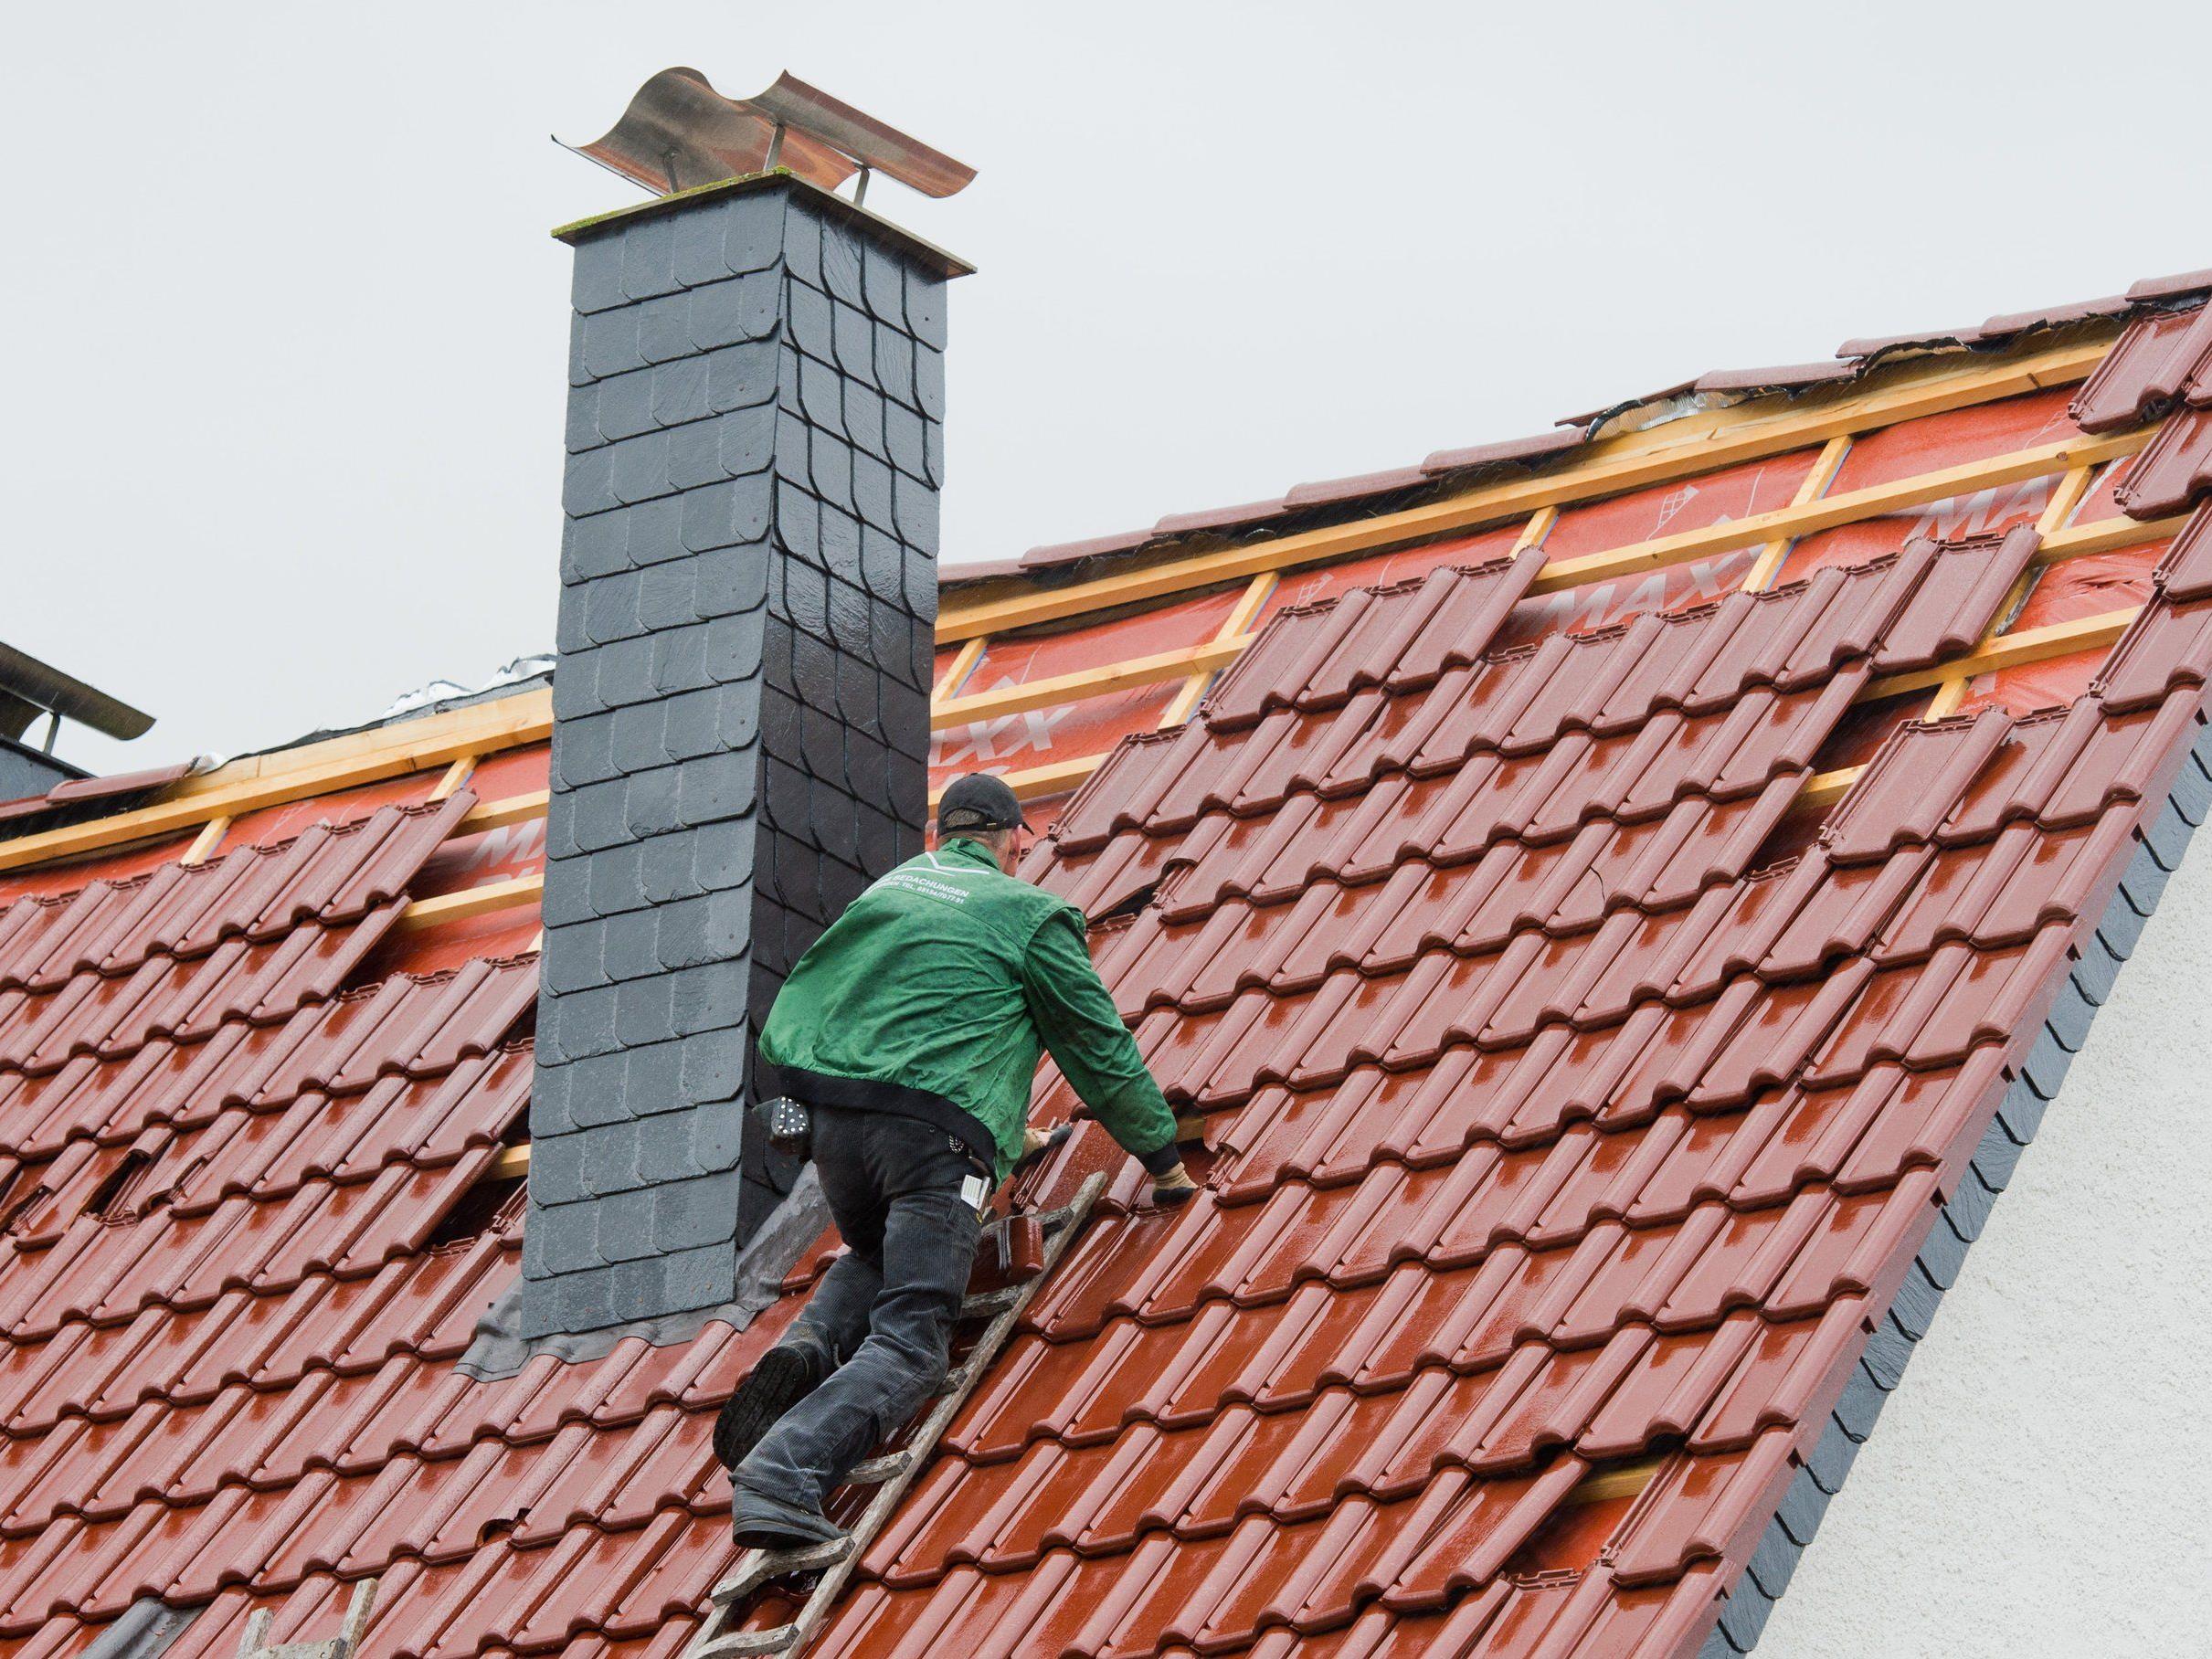 David Perez sah seinen älteren Nachbarn alleine sein Dach decken und half (Symbolbild).